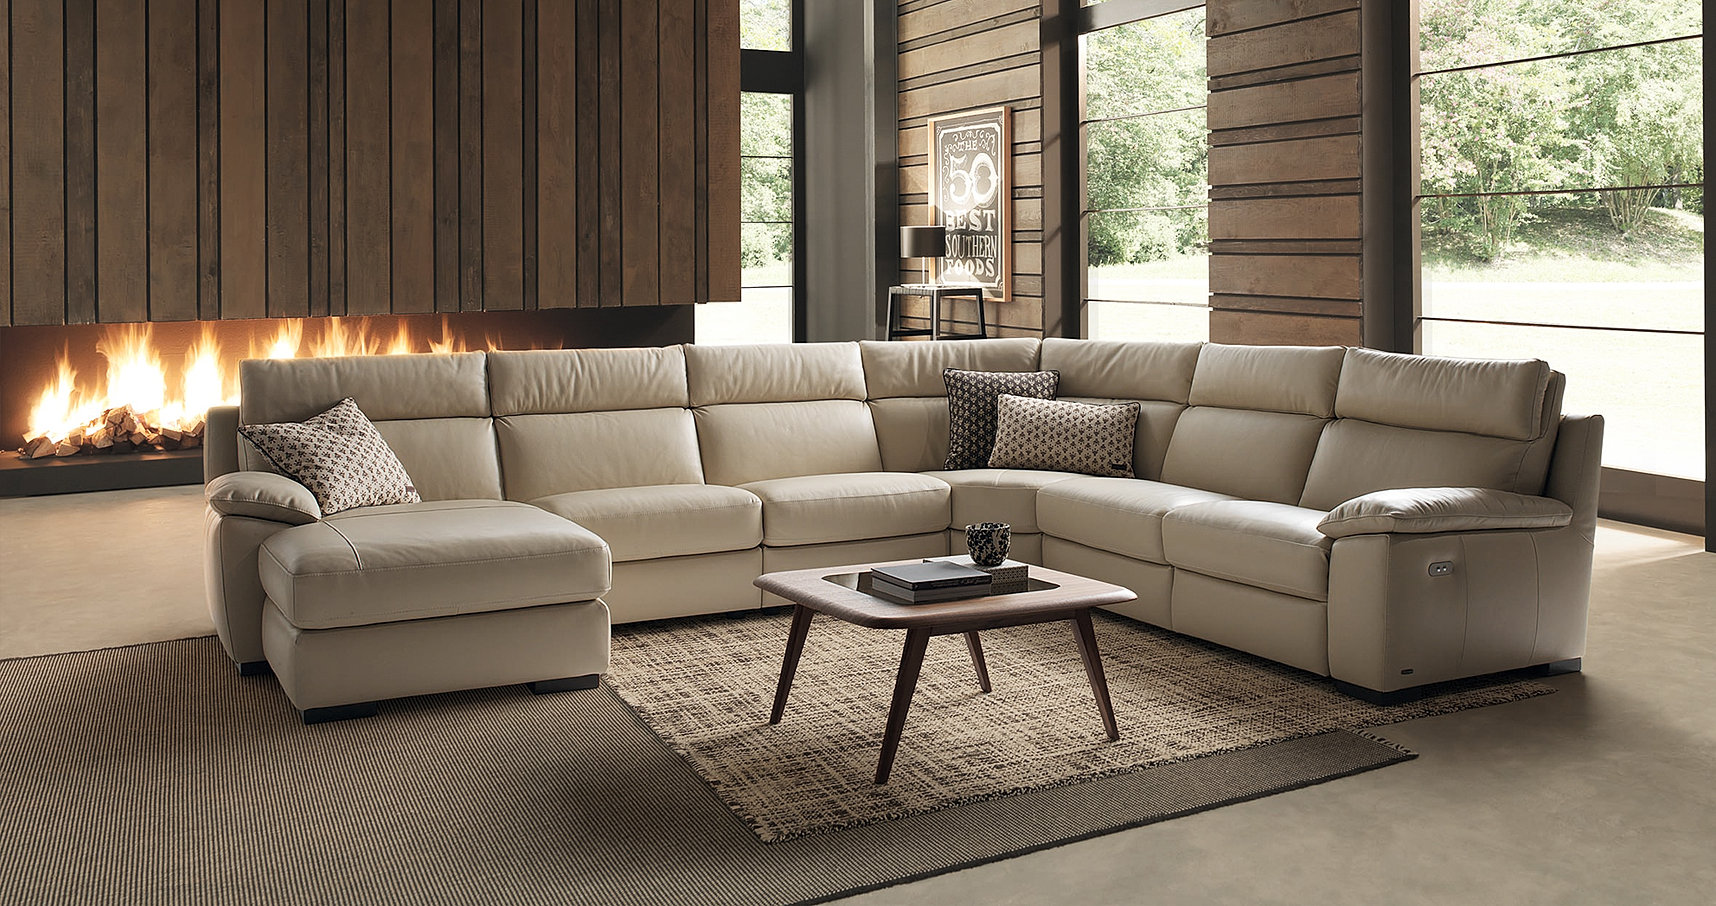 Sofass sevilla sof s rinconeras en sevilla for Natuzzi sevilla